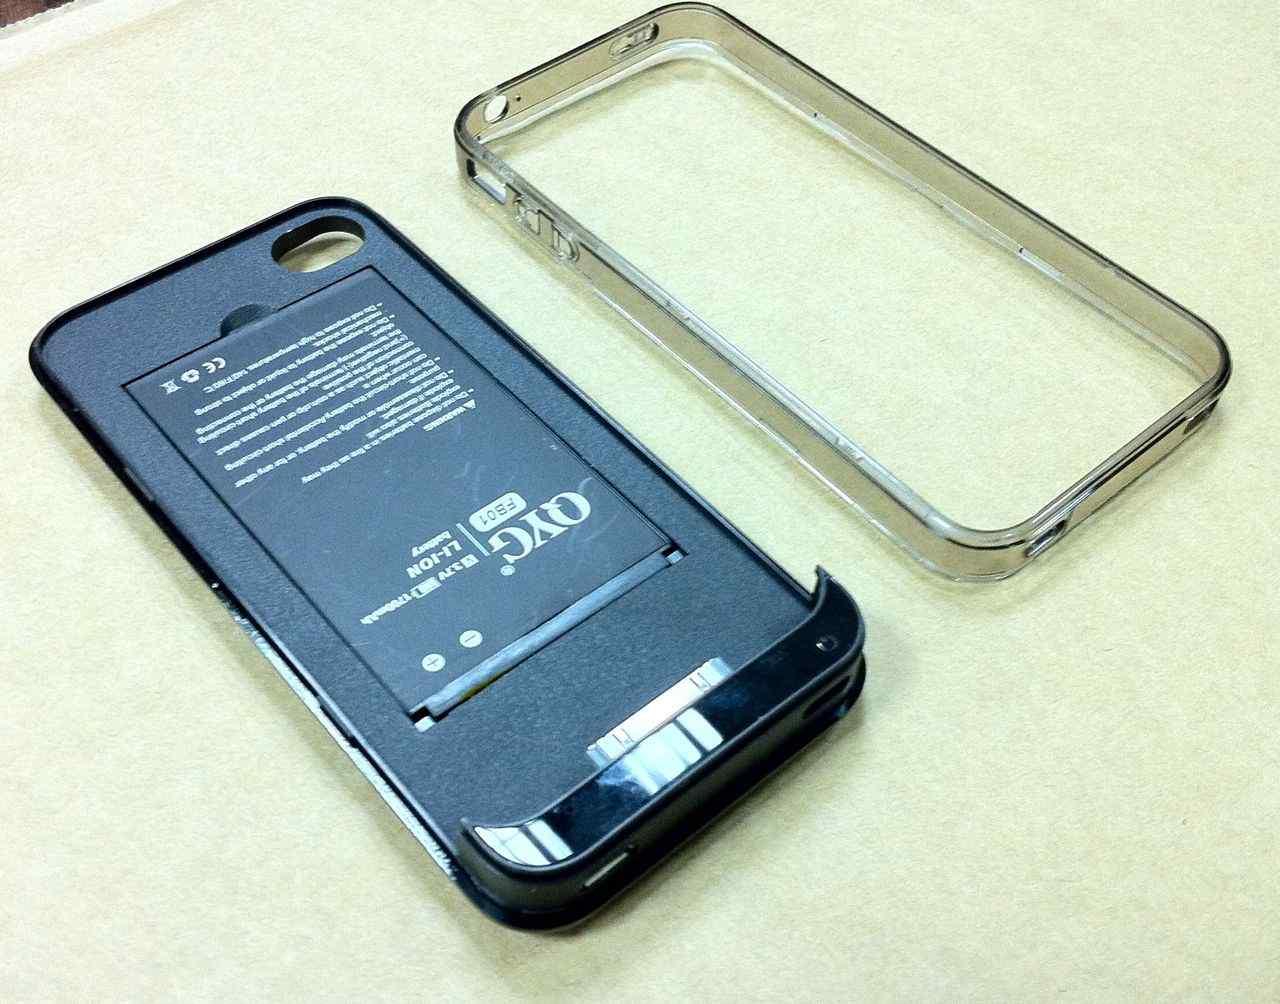 画像3: iPhone4 用バッテリーケース付き保護ケース